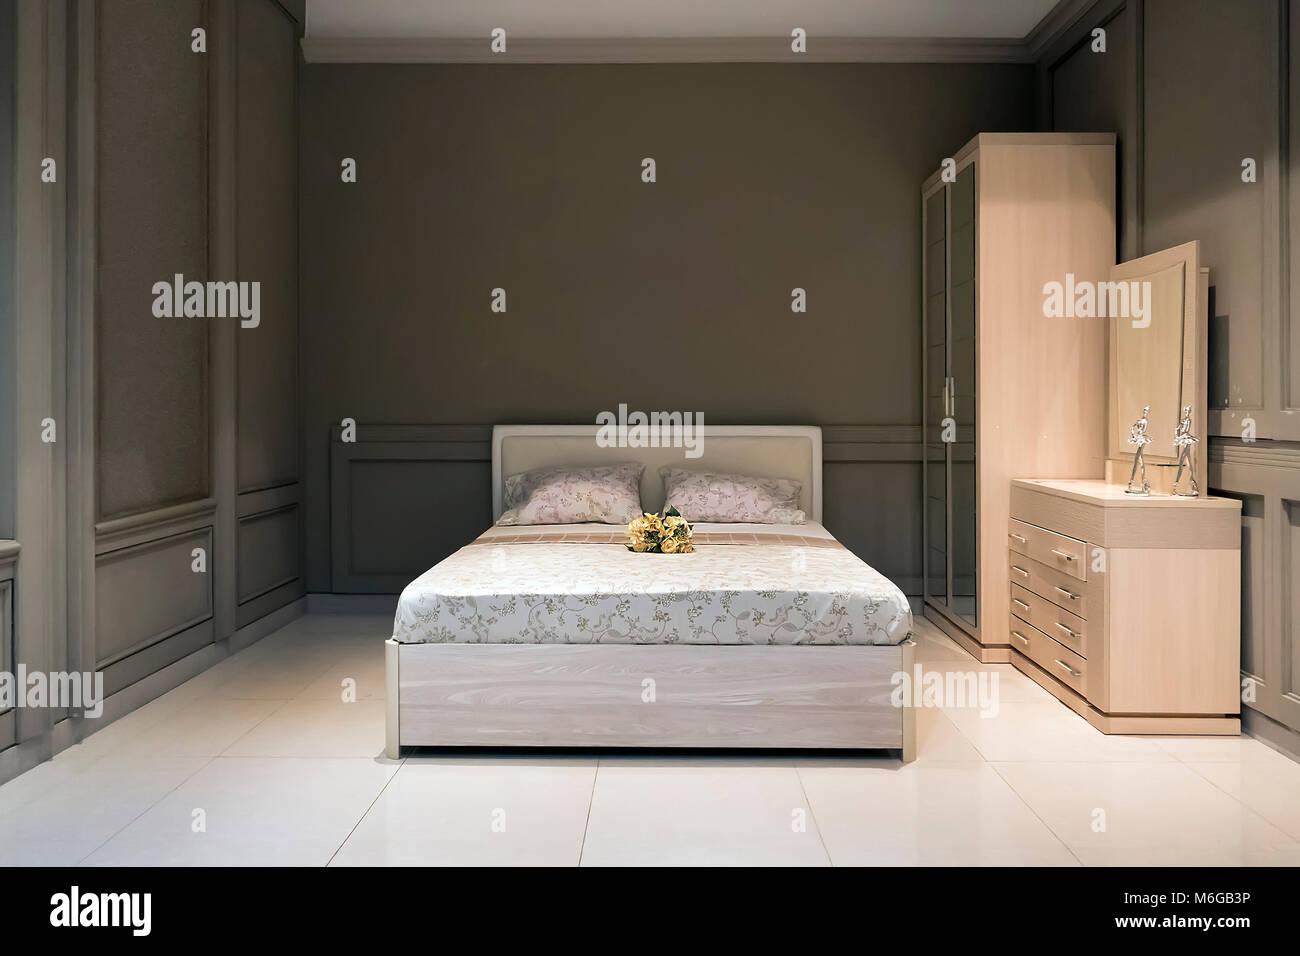 Spaziosa camera da letto in grigio con fatti a mano mobili in legno letto grande e decorativo - Camera da letto grande ...